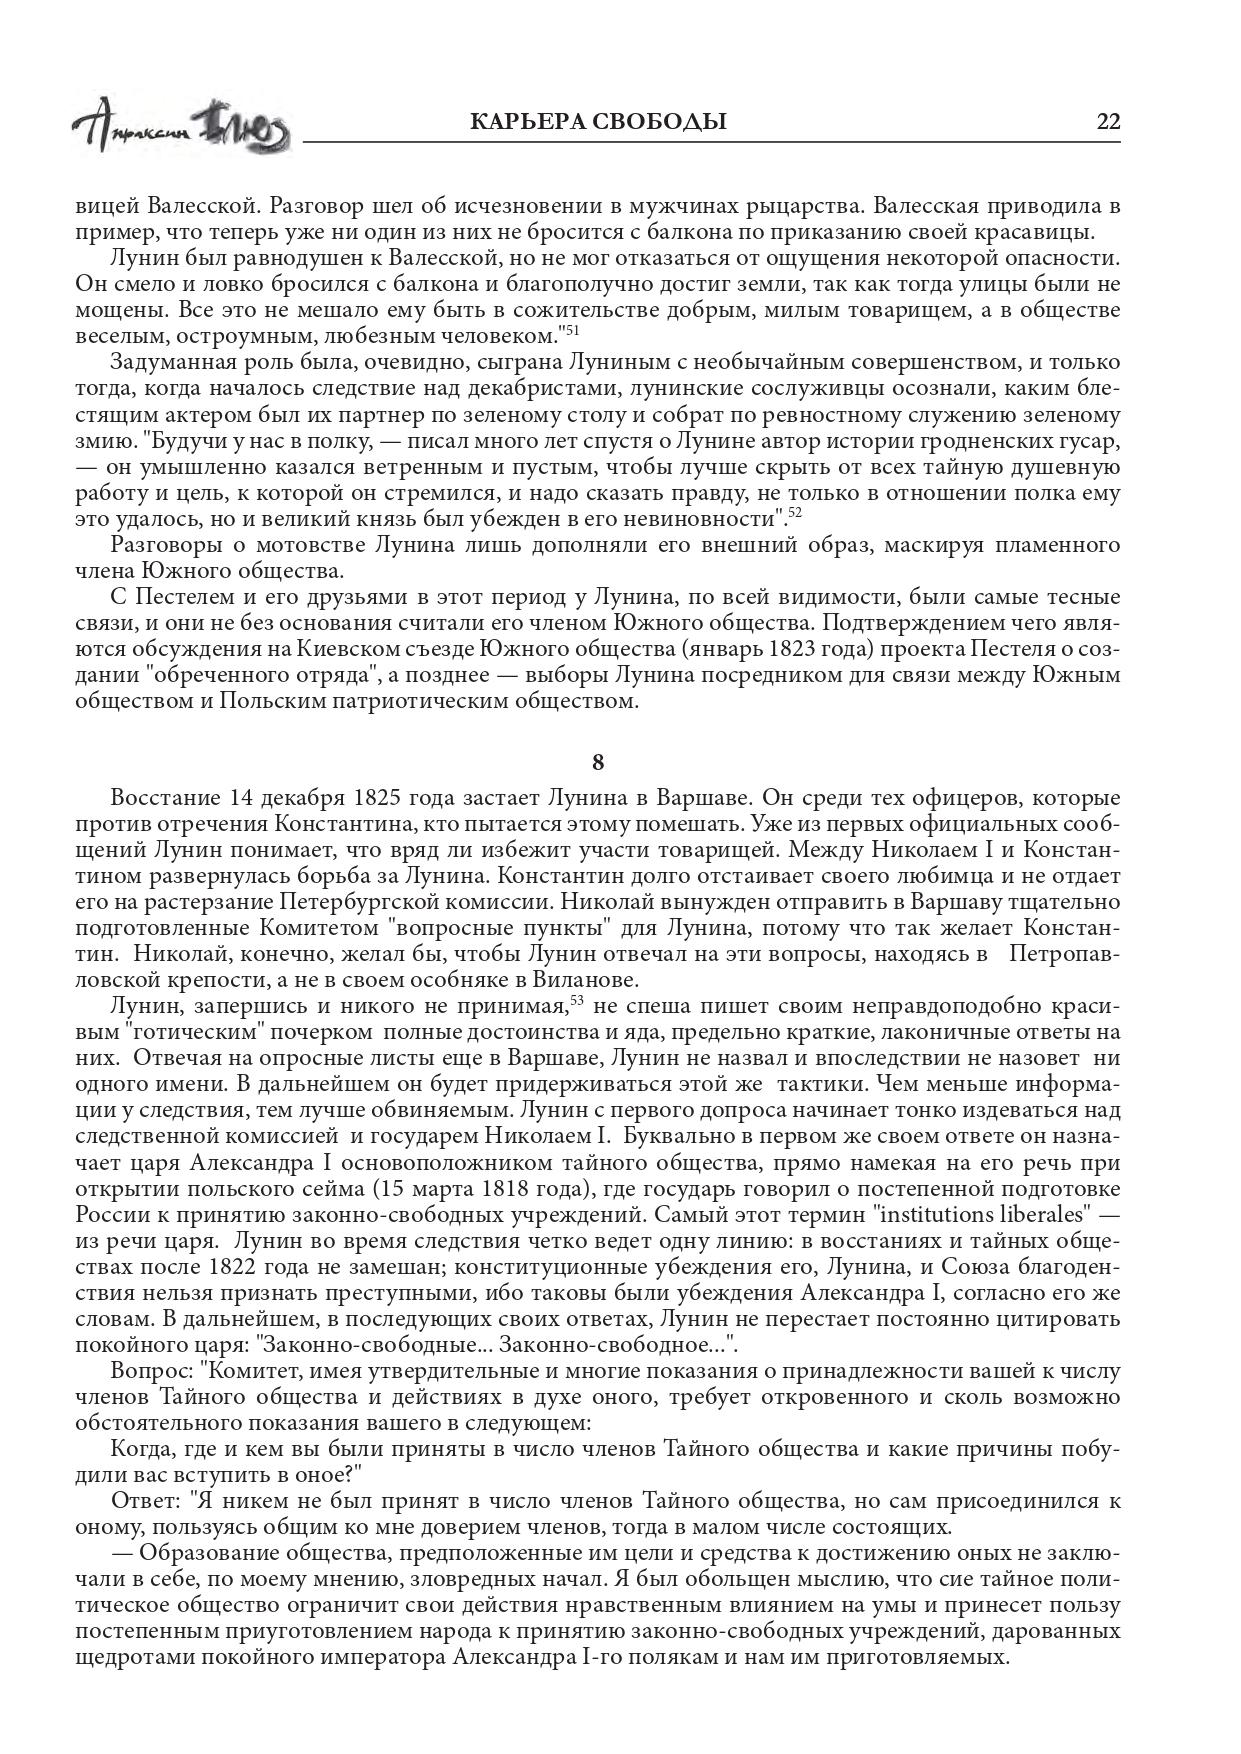 http://forumstatic.ru/files/001a/7d/26/20102.jpg